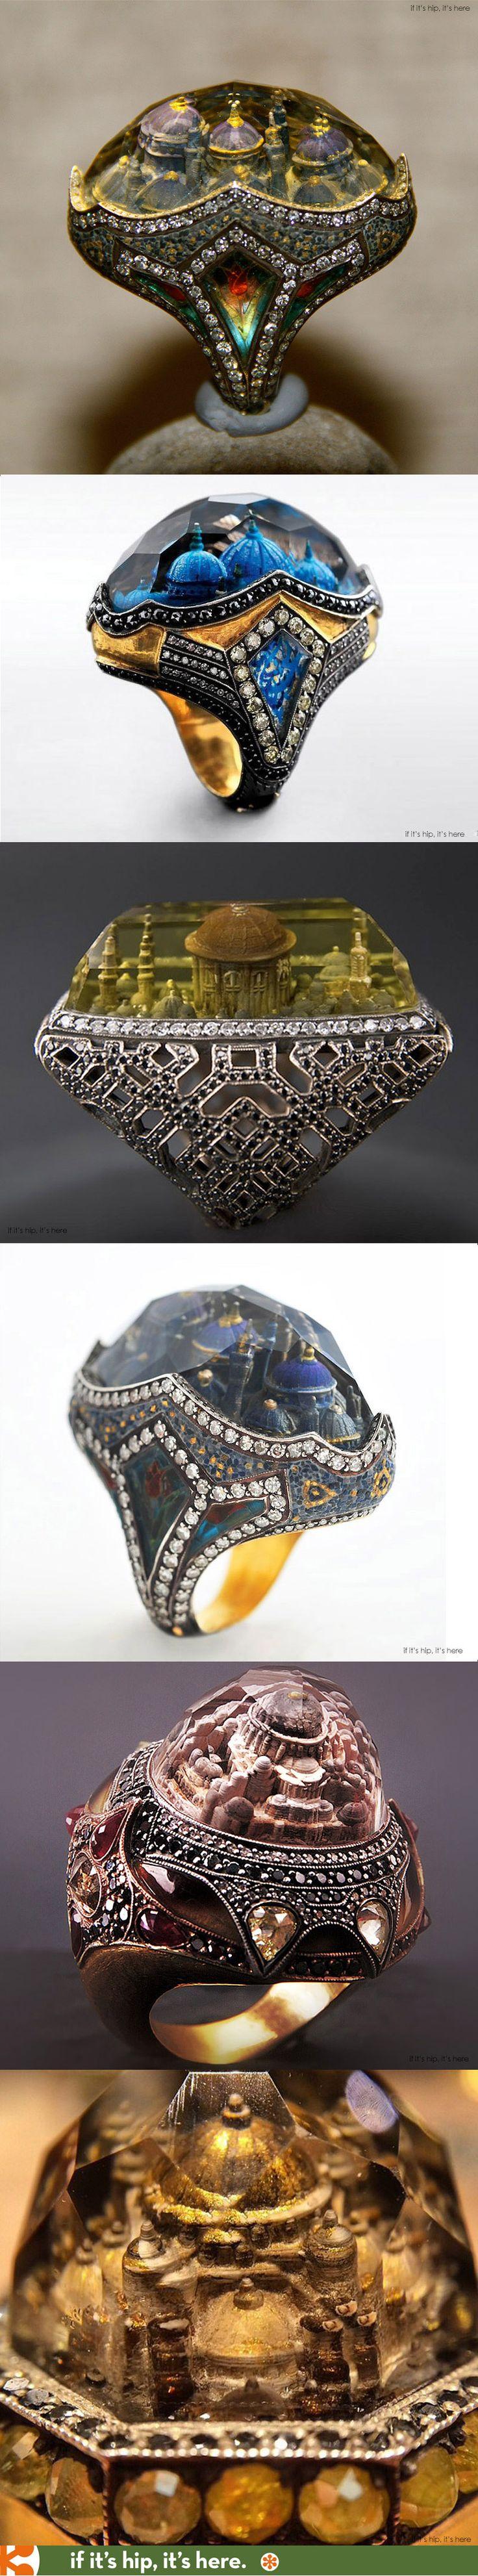 Incredible Istanbul Mosque rings by jeweler Sevan Biçakçi.